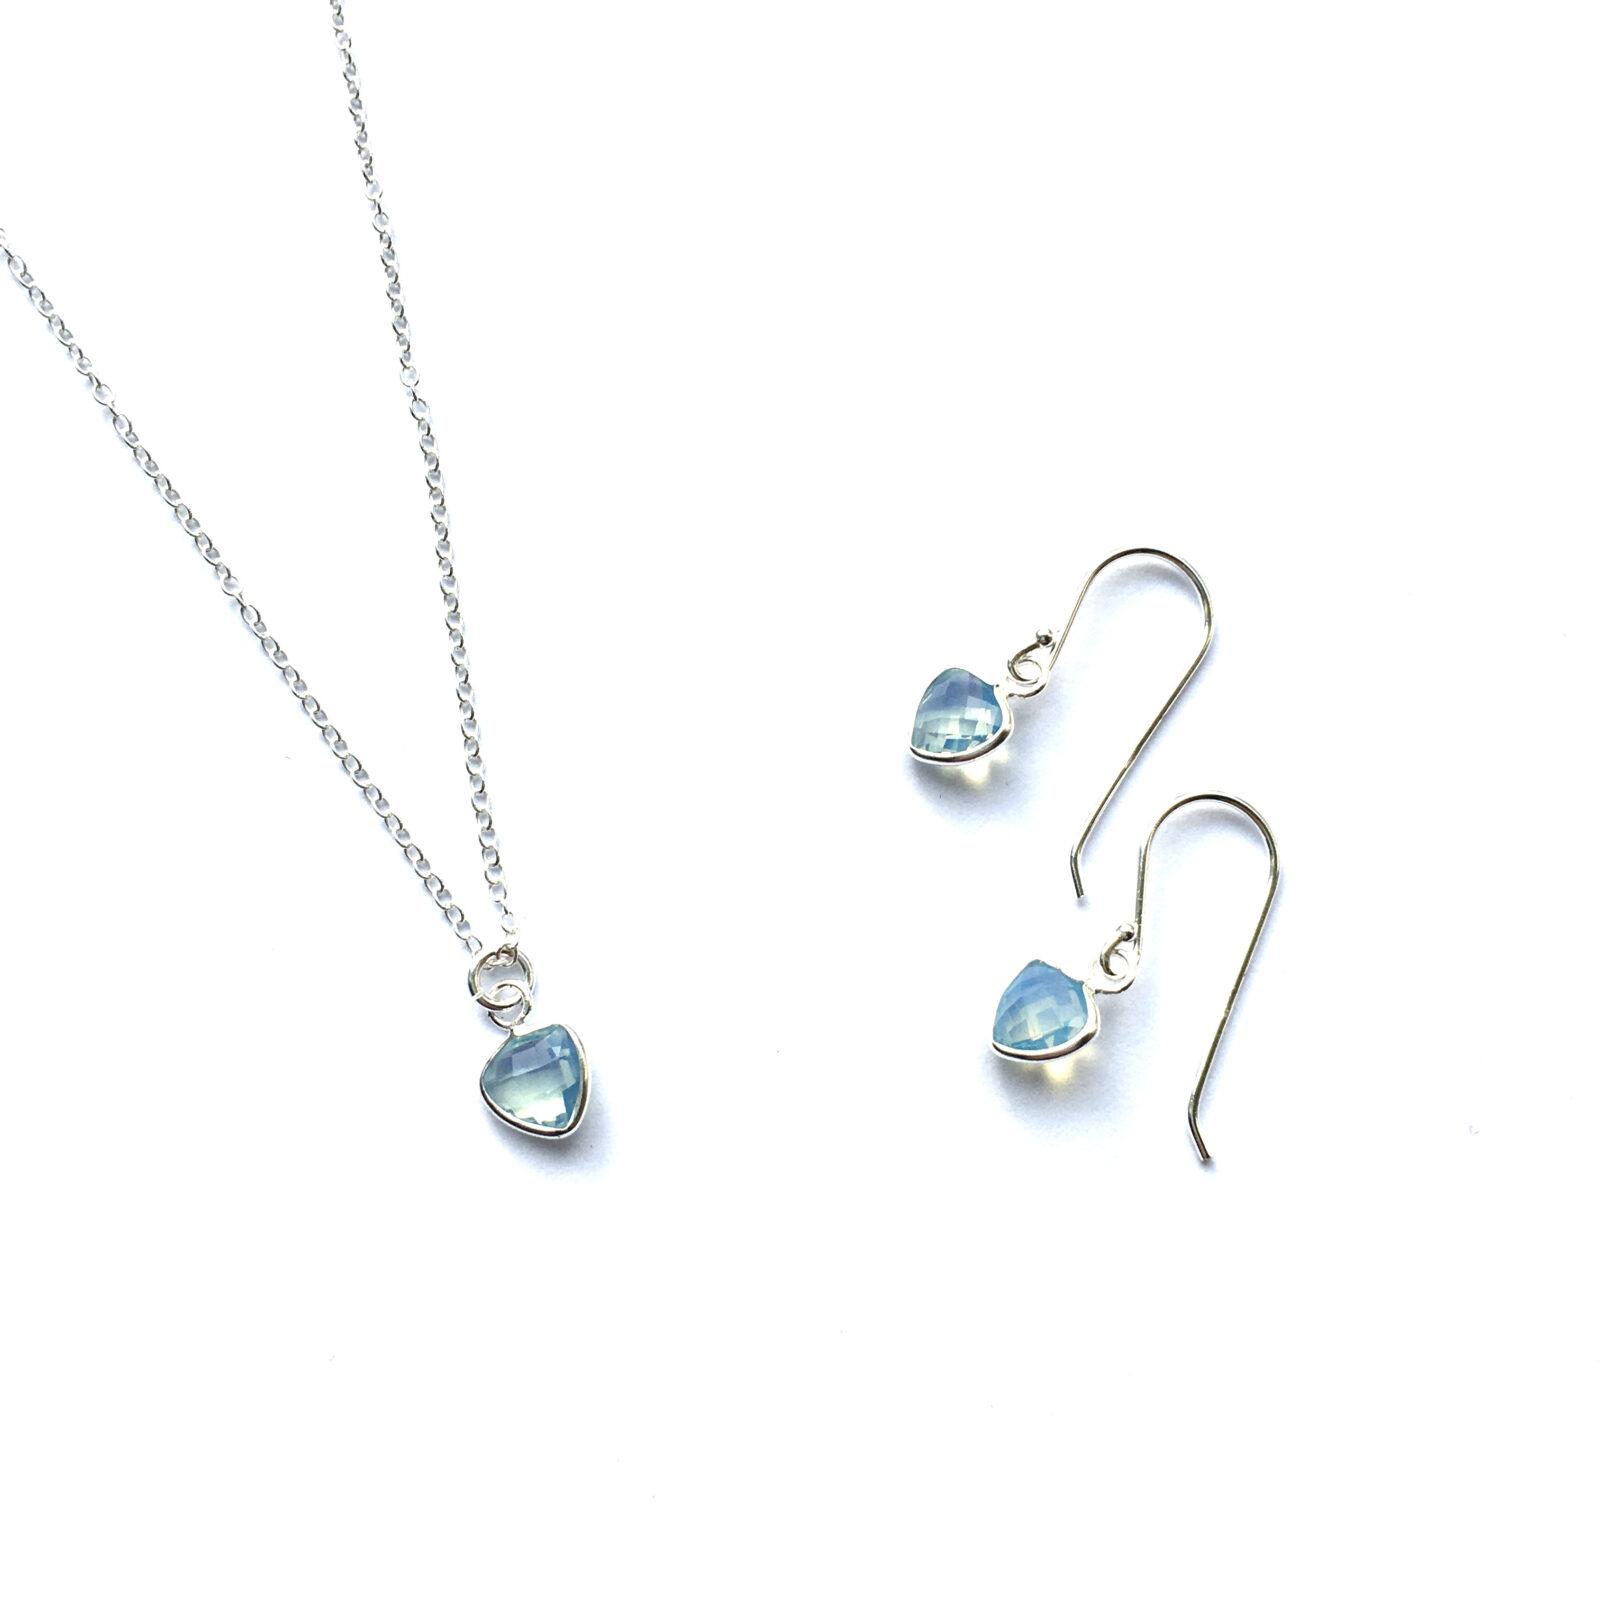 sieraden set Zilveren driehoek ketting met blue opal en oorbellen